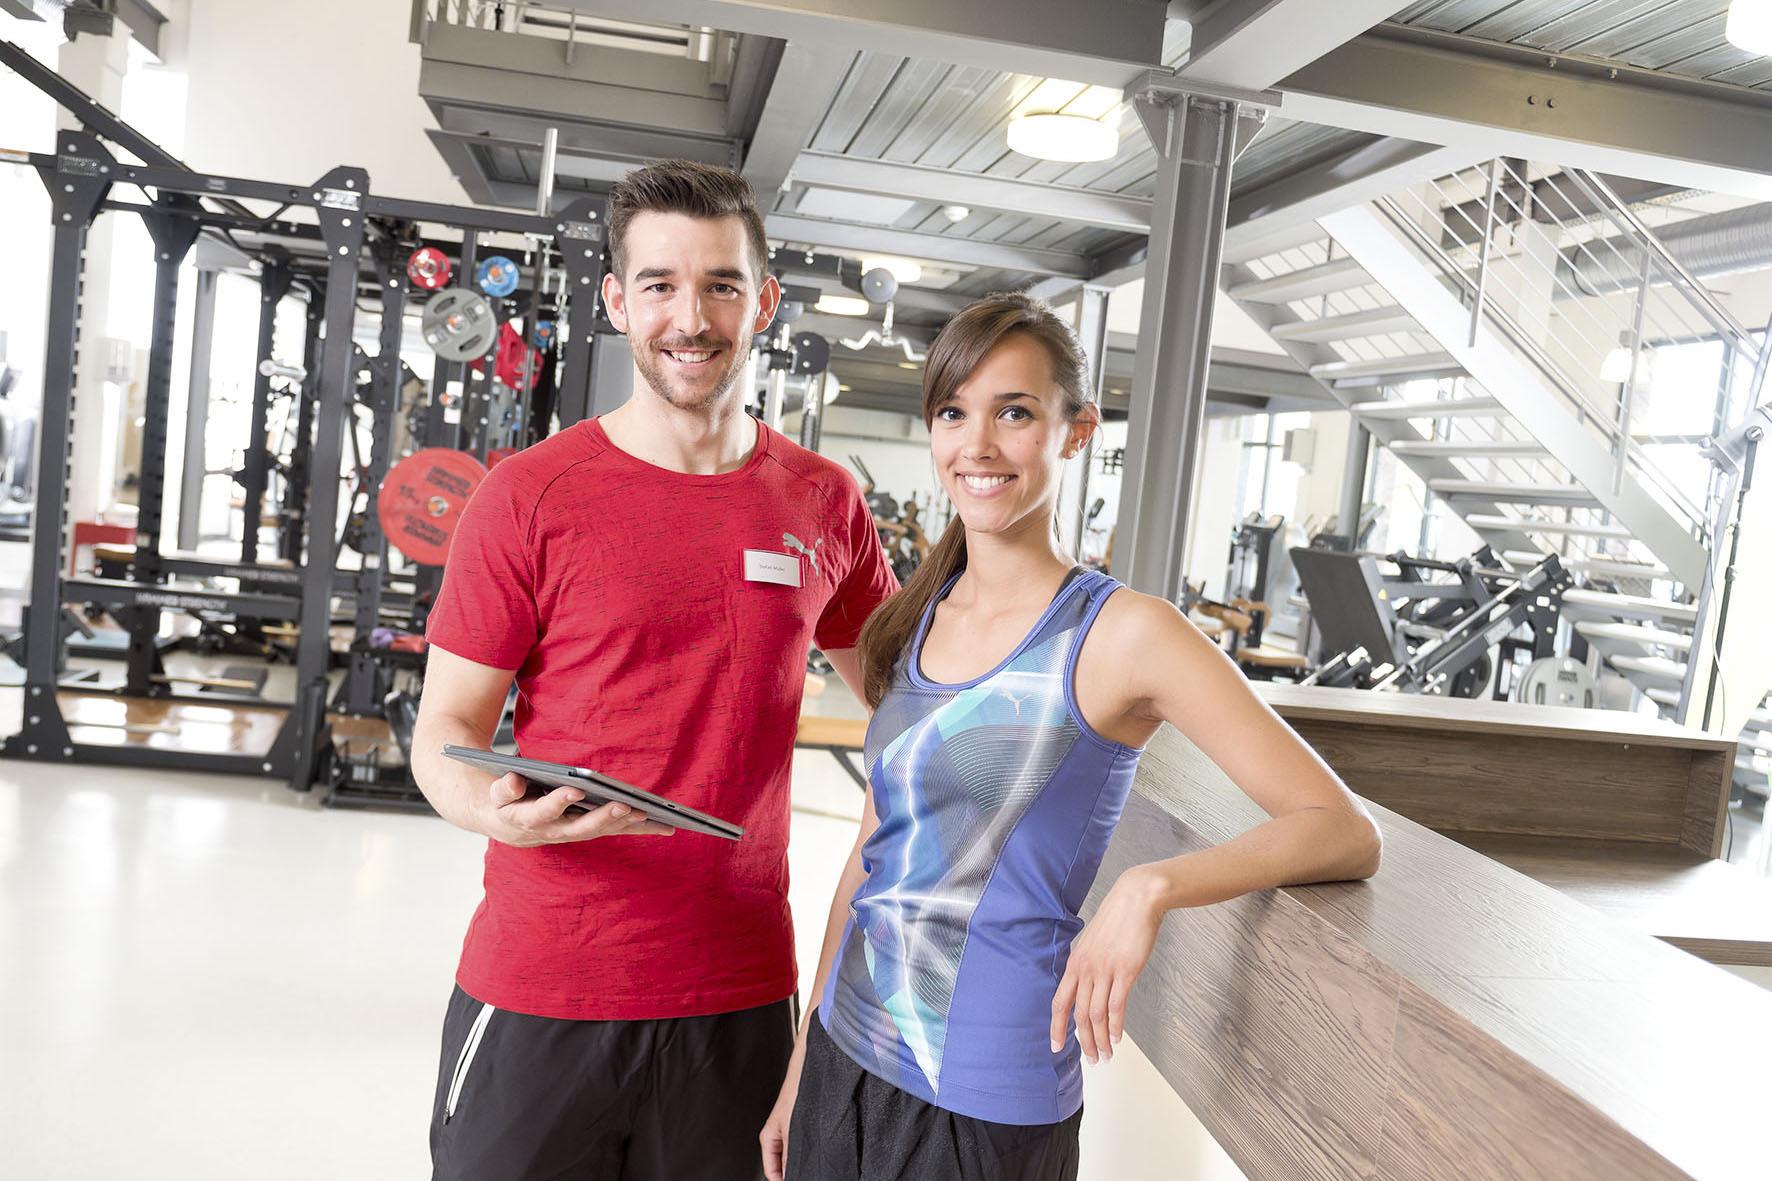 Karriere im boomenden Fitnessmarkt